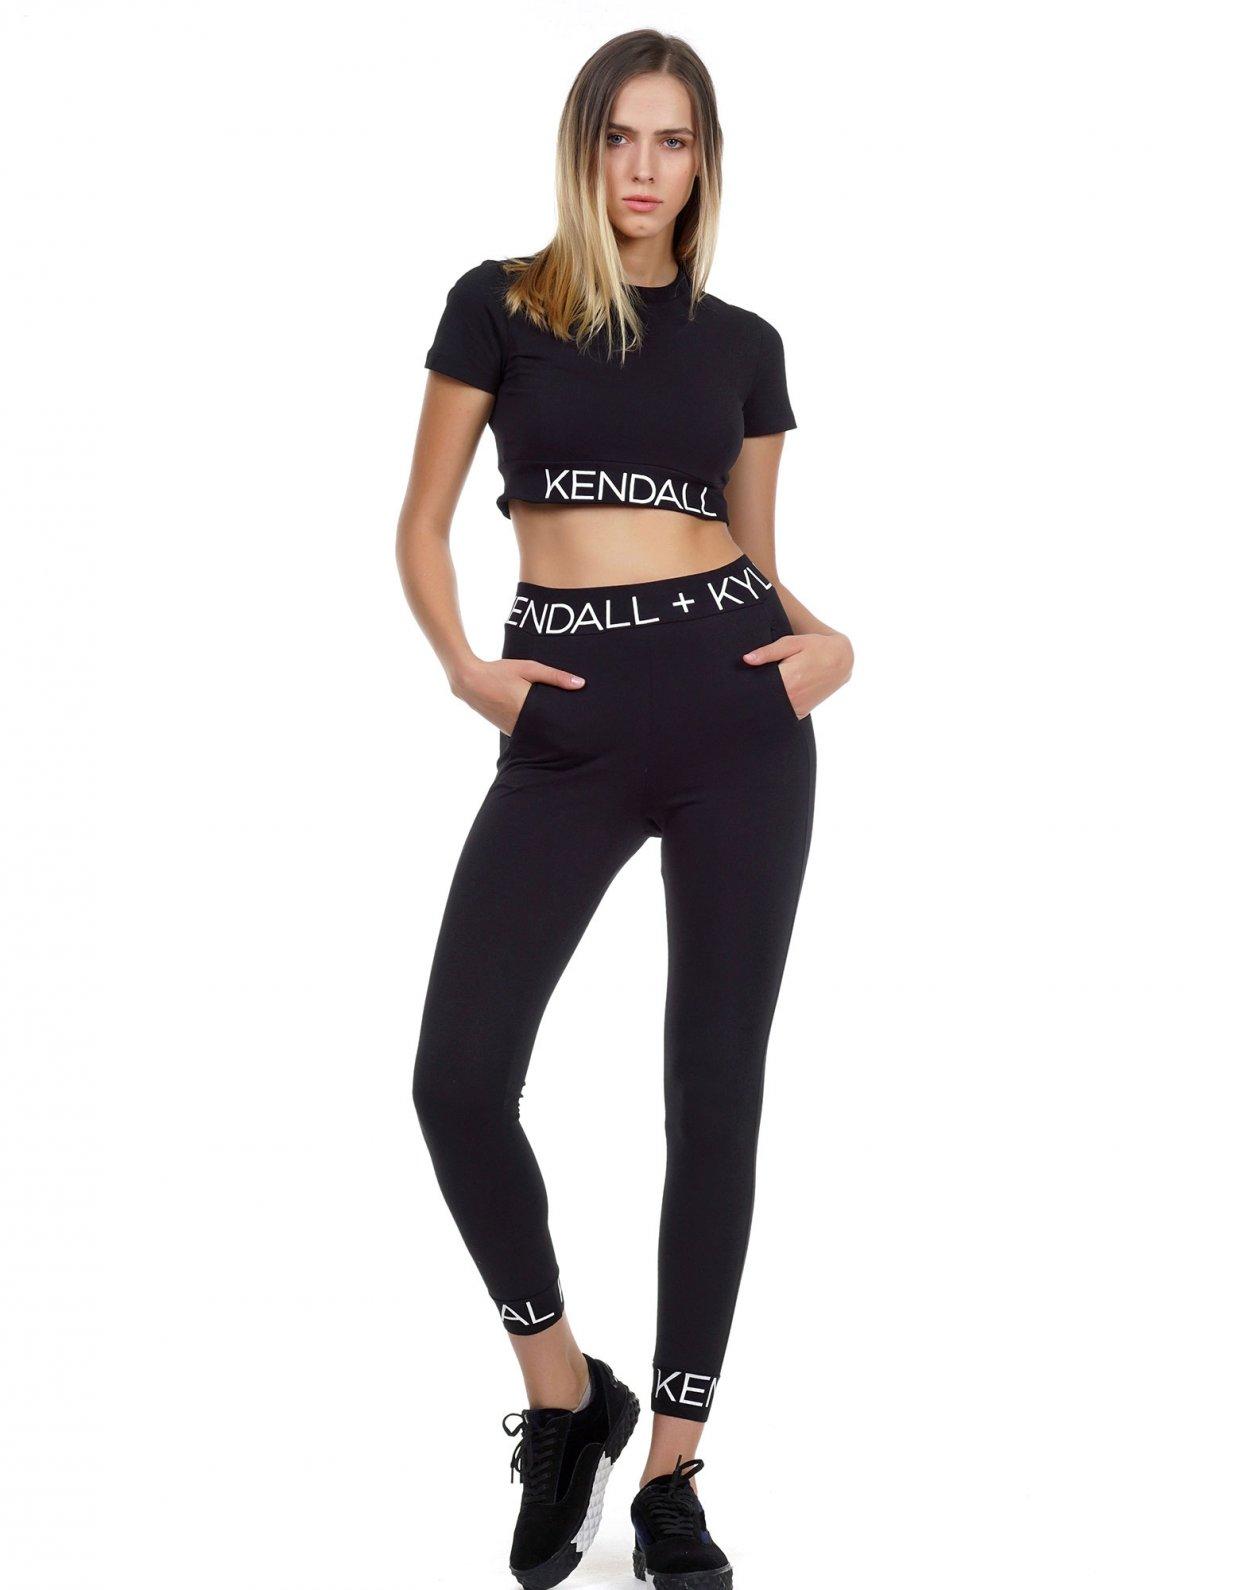 Kendall + Kylie Logo waist top